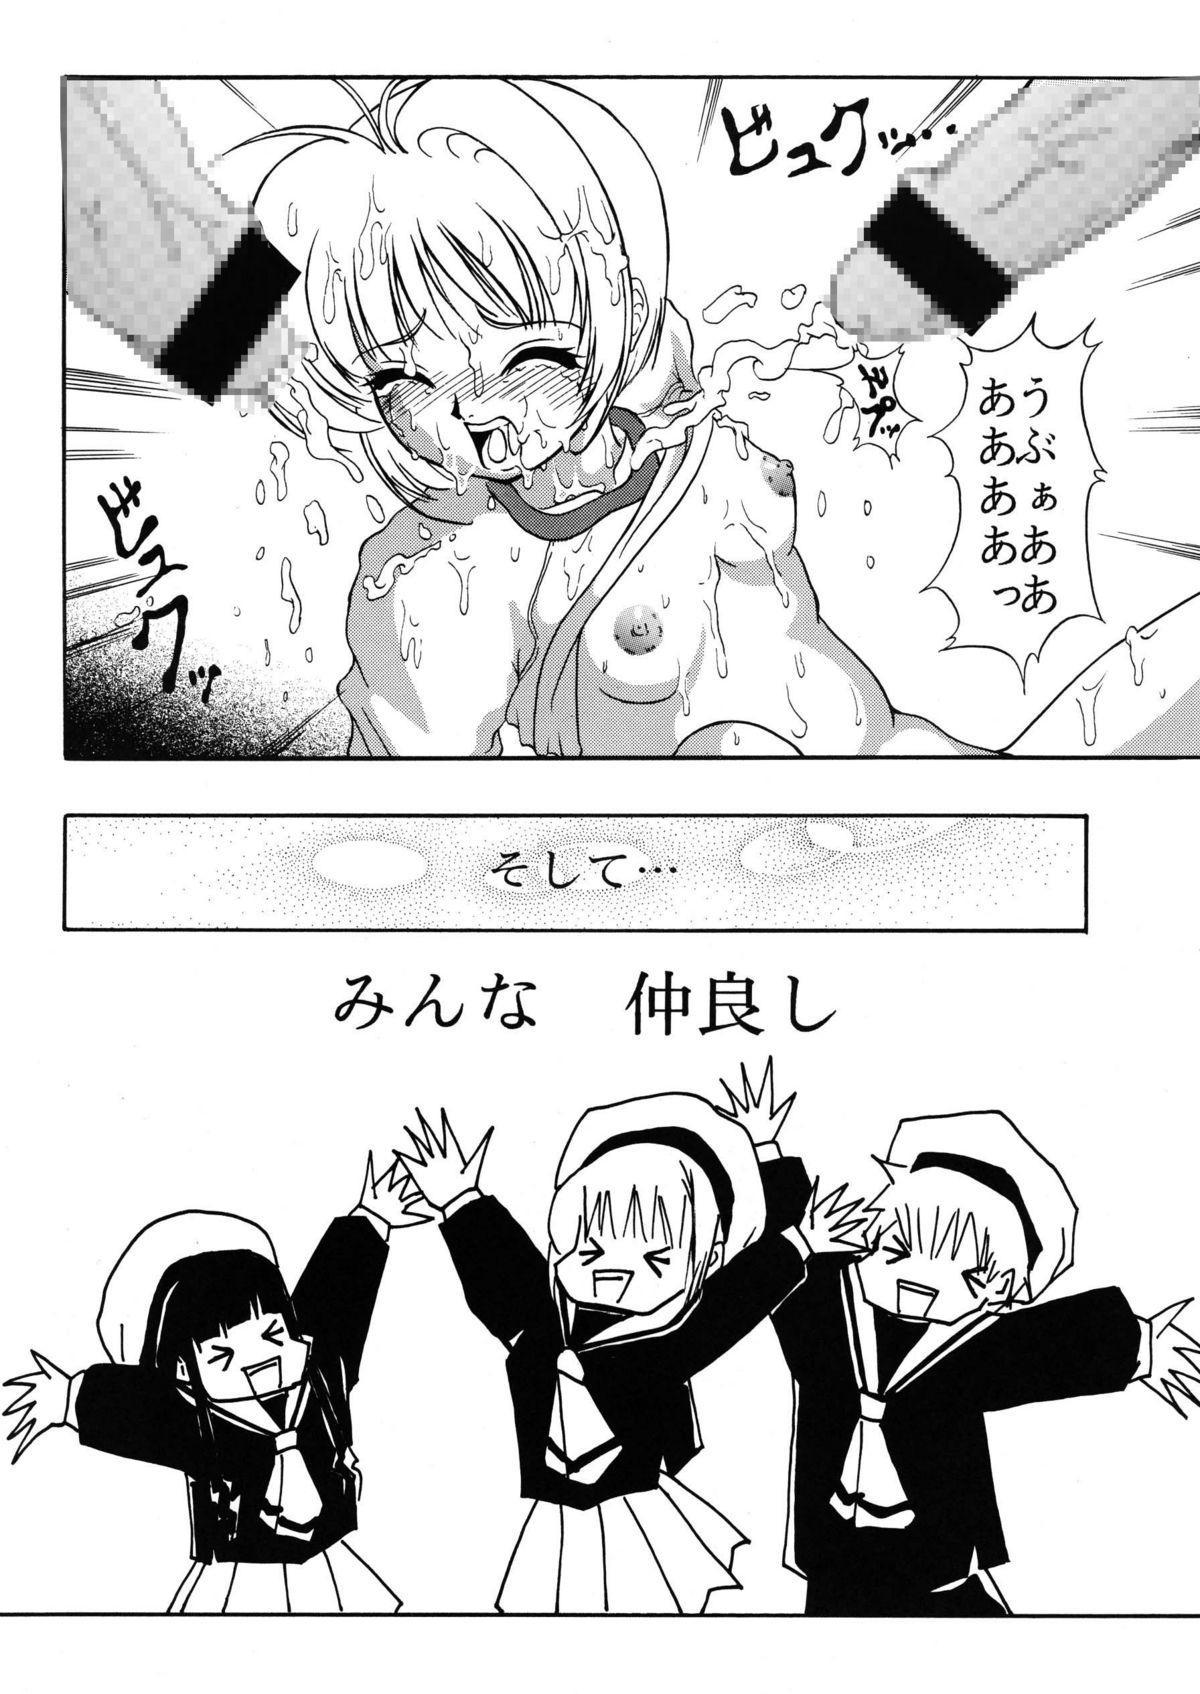 Hana ni Arashi no Tatoe mo Aruzo 36